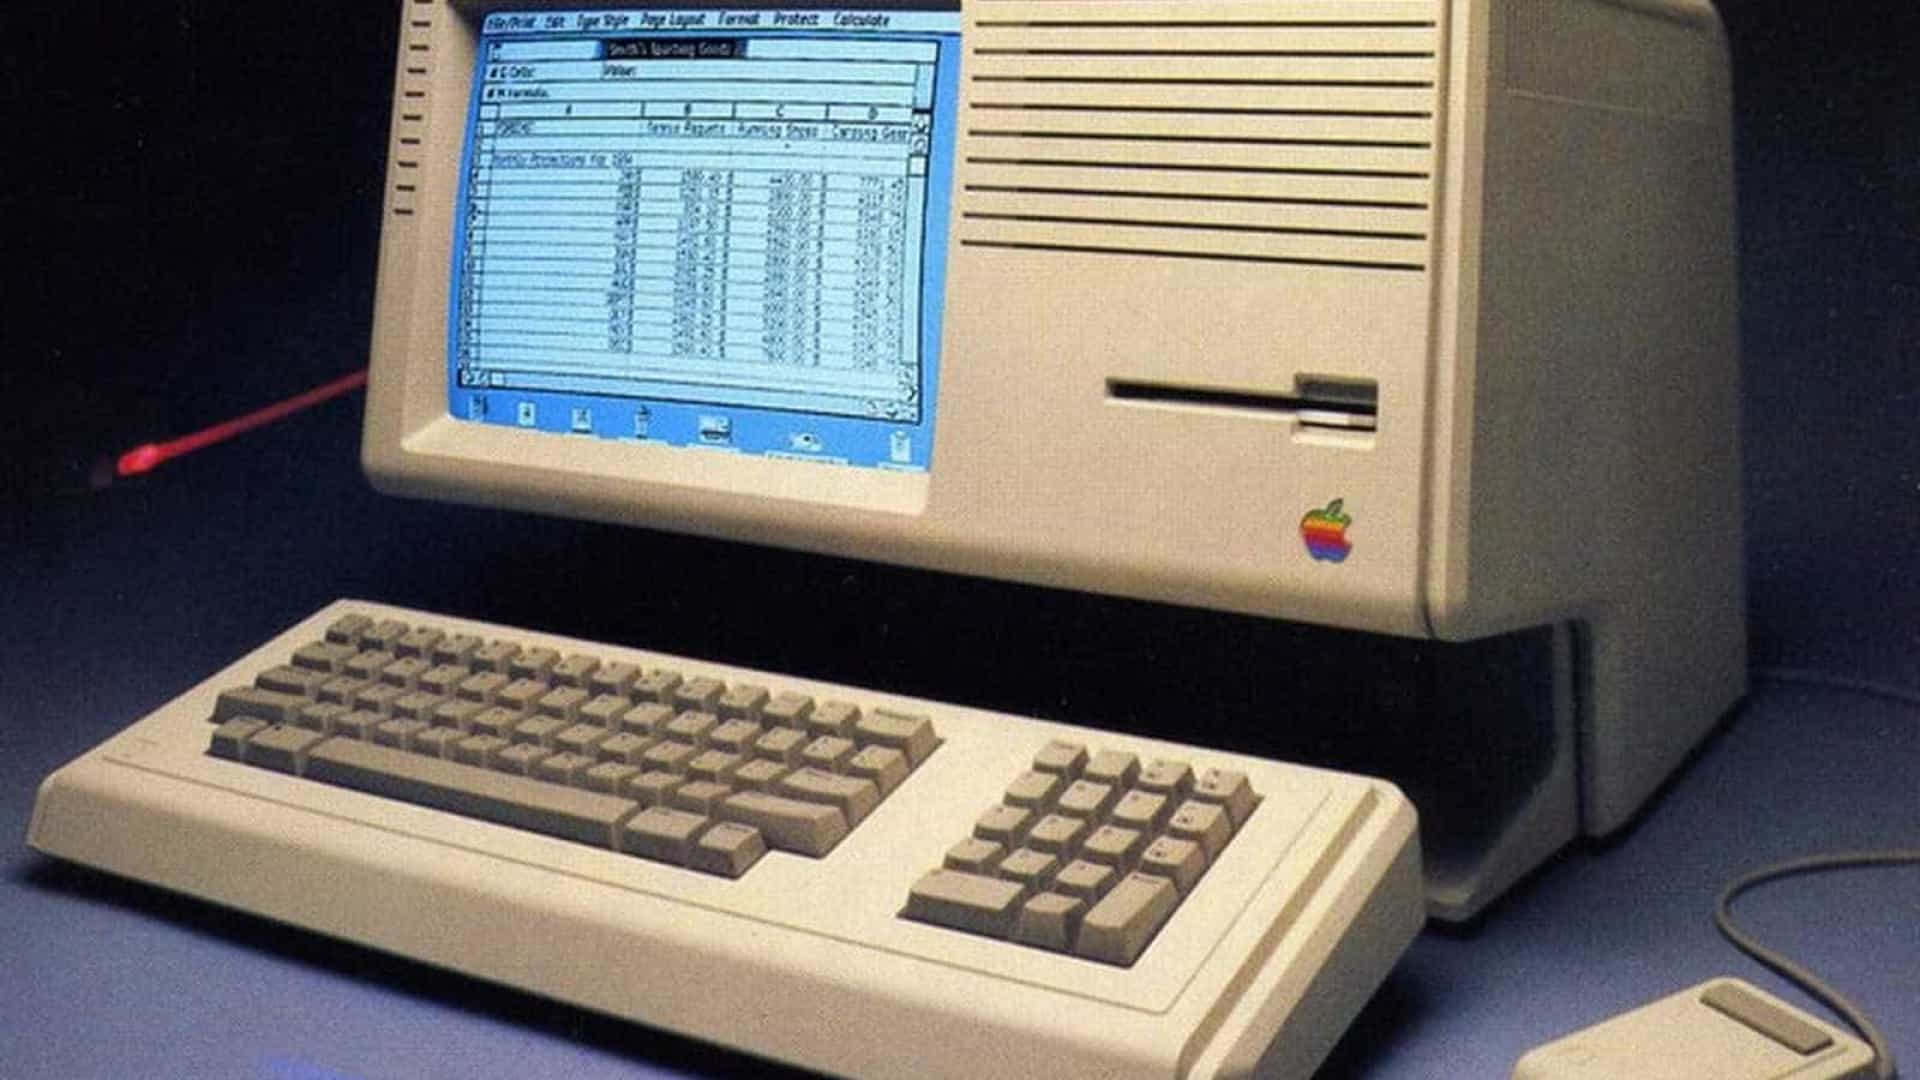 Sistema Operacional histórico da Apple será liberado de graça